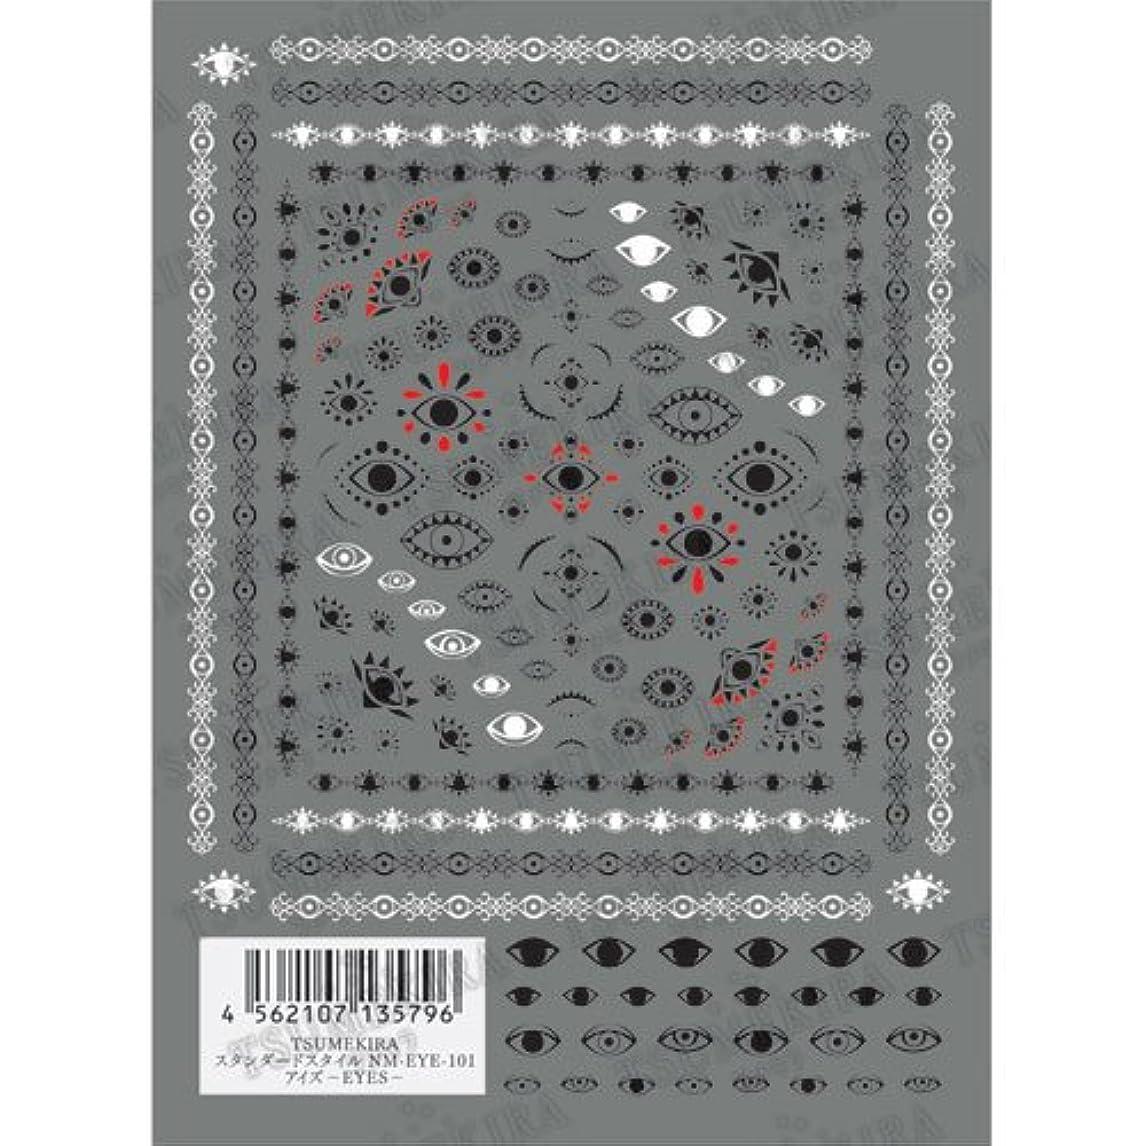 ツメキラ(TSUMEKIRA) ネイル用シール アイズ NM-EYE-101